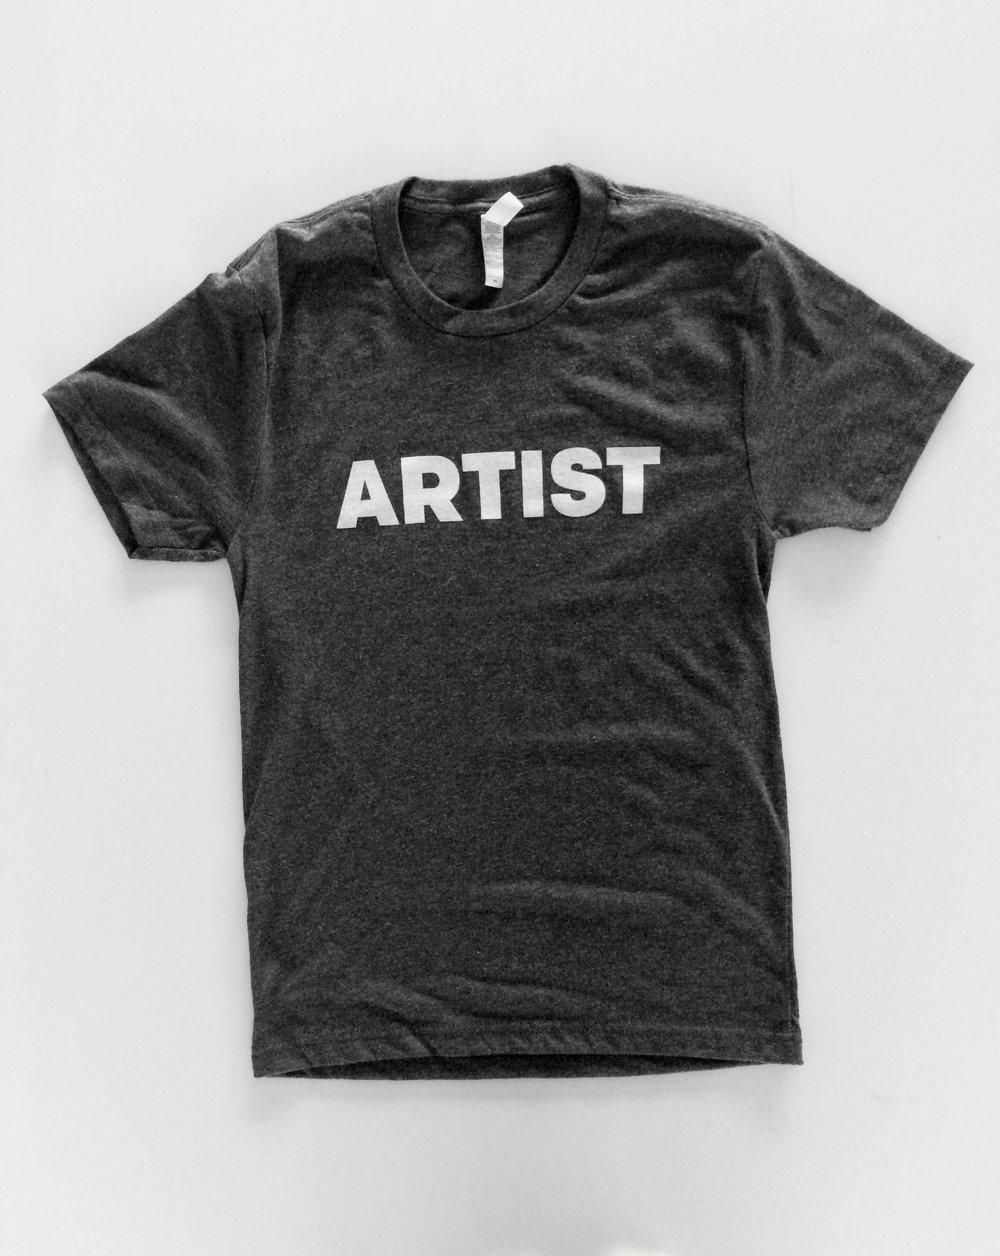 ARTIST Shirt. Soft, lightweight, 'Vintage Navy' T-shirt.  $18.00